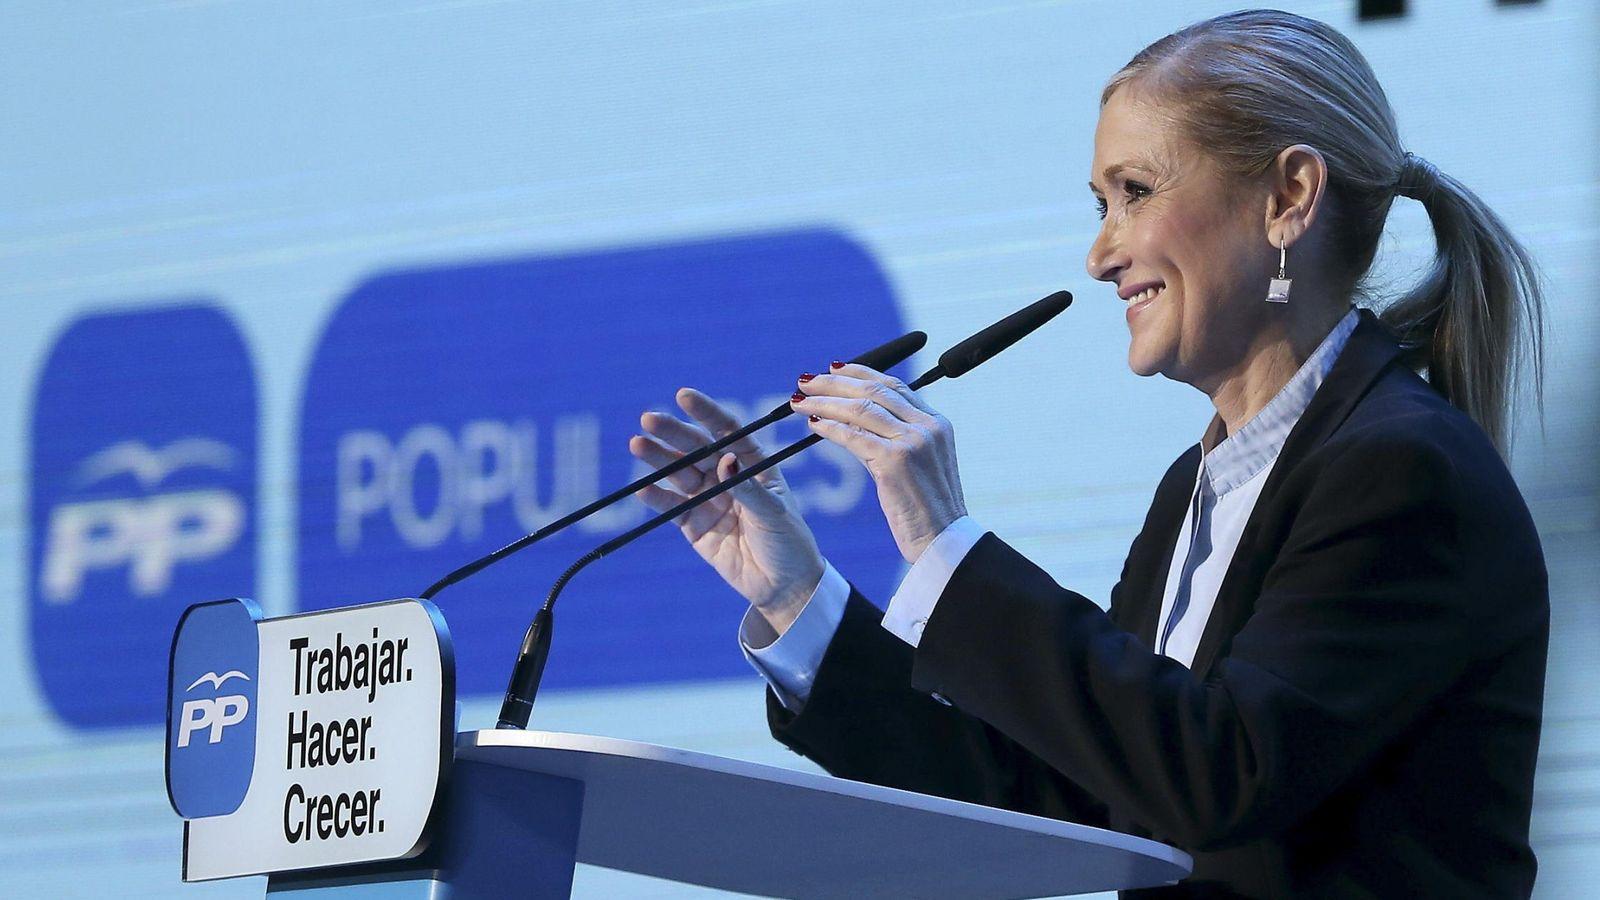 Foto: La candidata 'popular' a la presidencia de la Comunidad de Madrid, Cristina Cifuentes. (Efe)